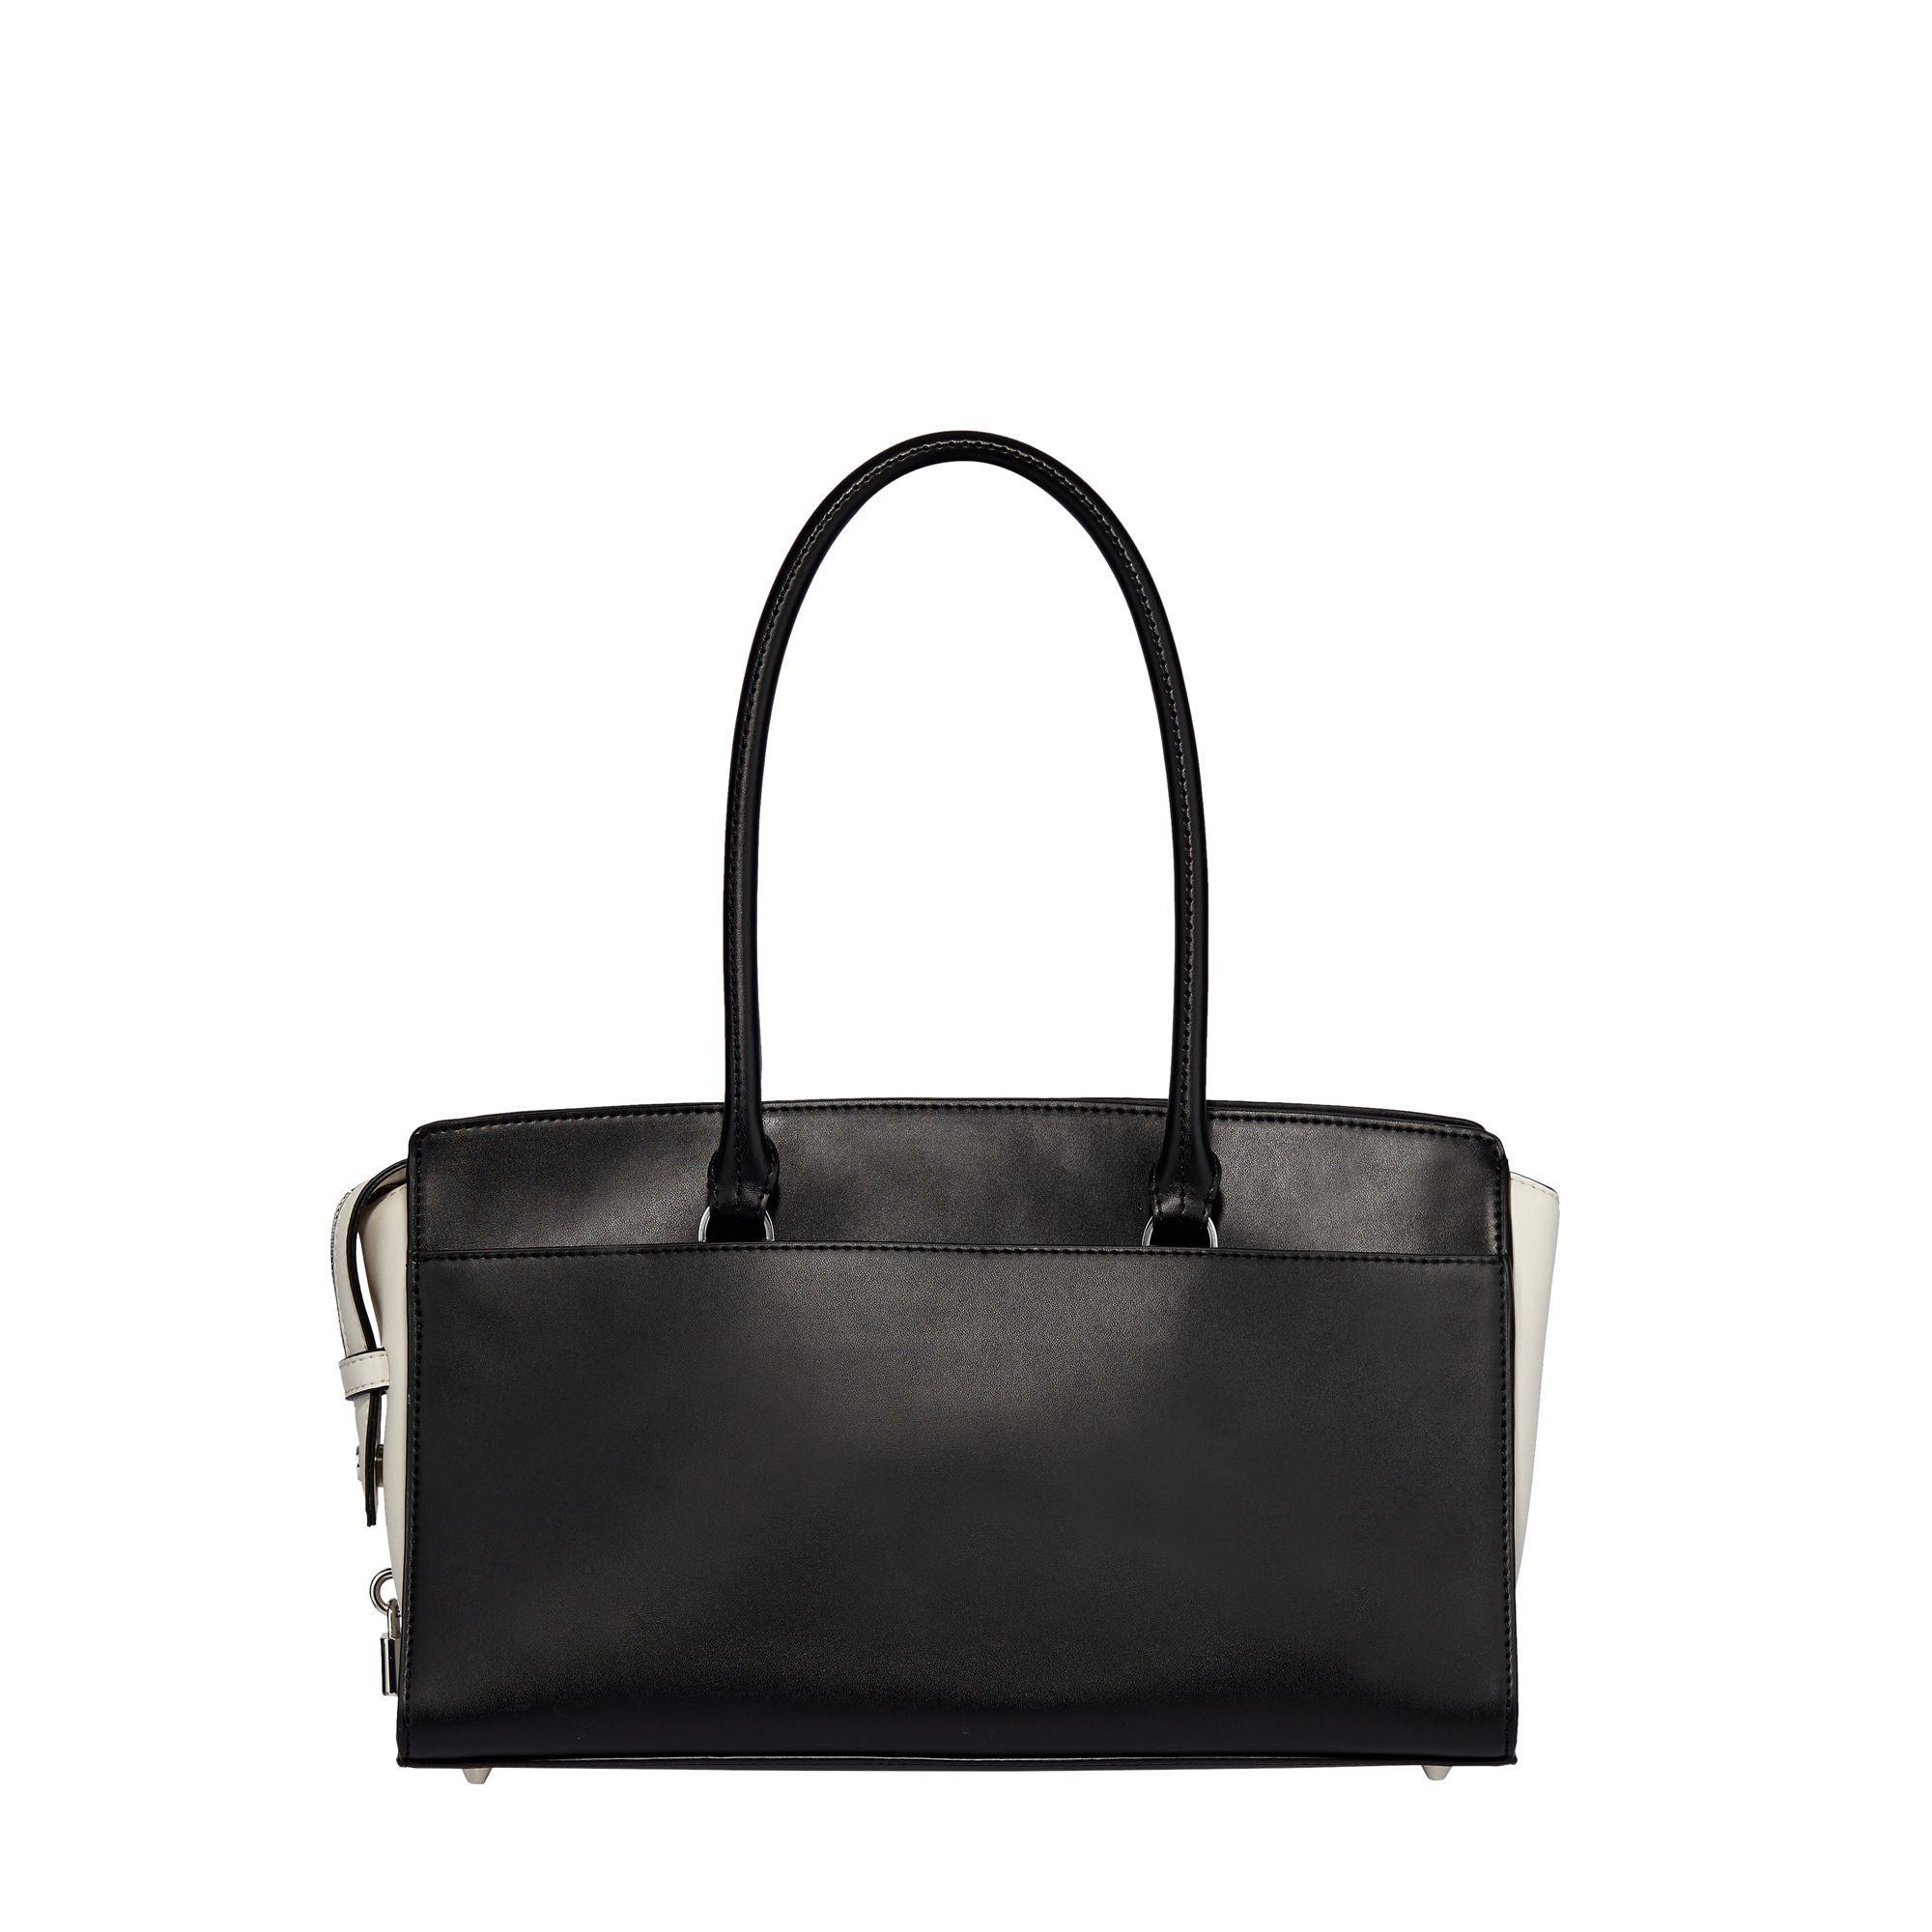 Fiorelli Mono Print Tote Bag in Black